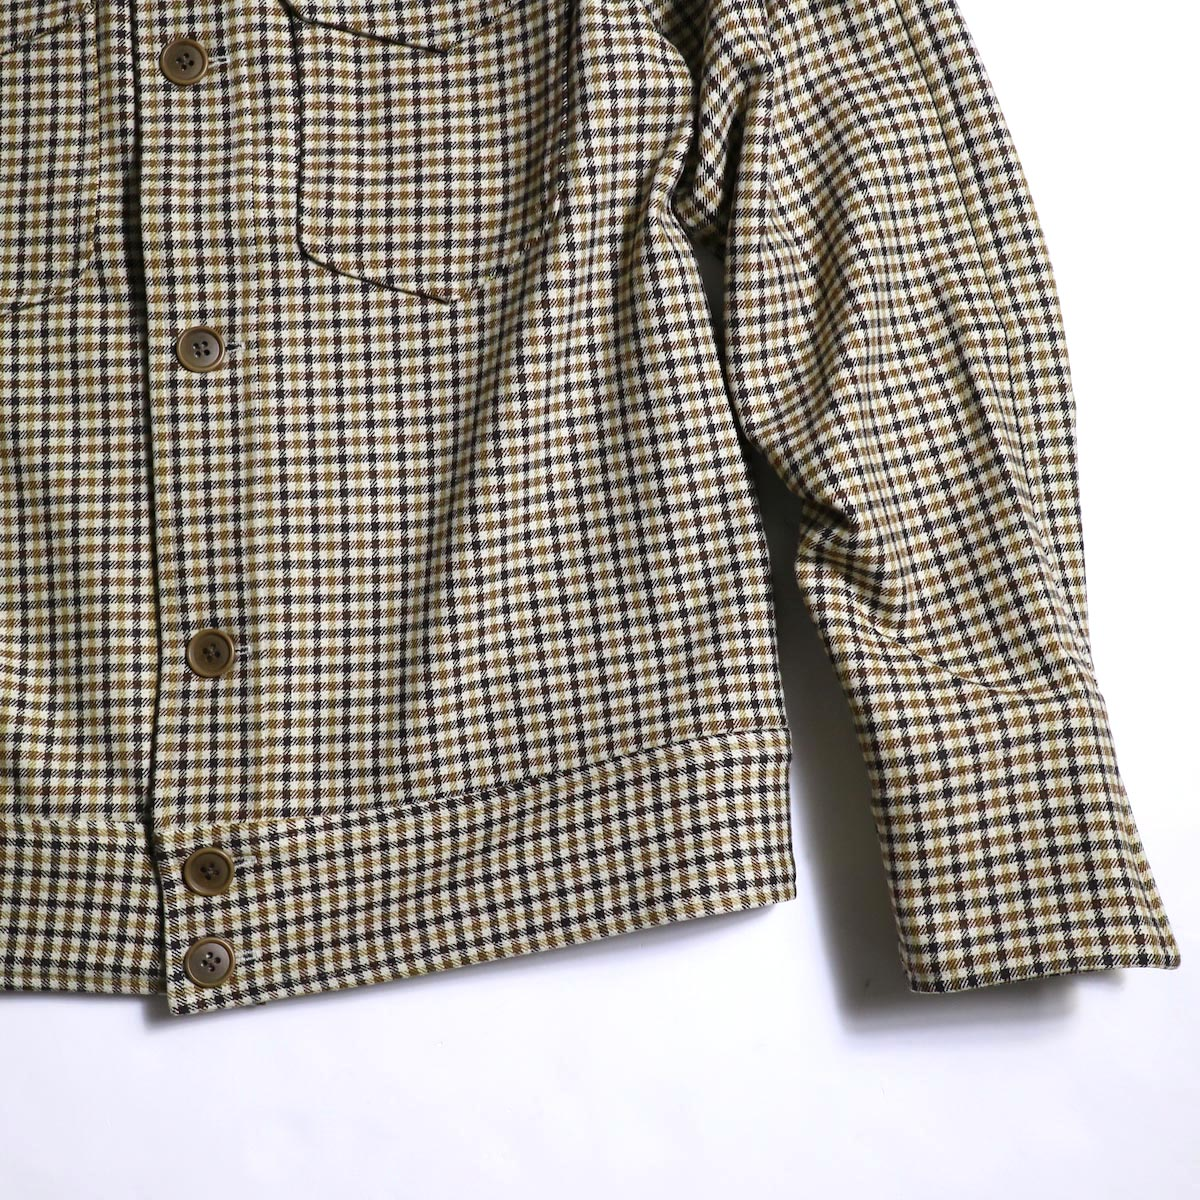 Needles / Cowboy Leisure Jacket -Gunclub Plaid (Yellow)袖、裾